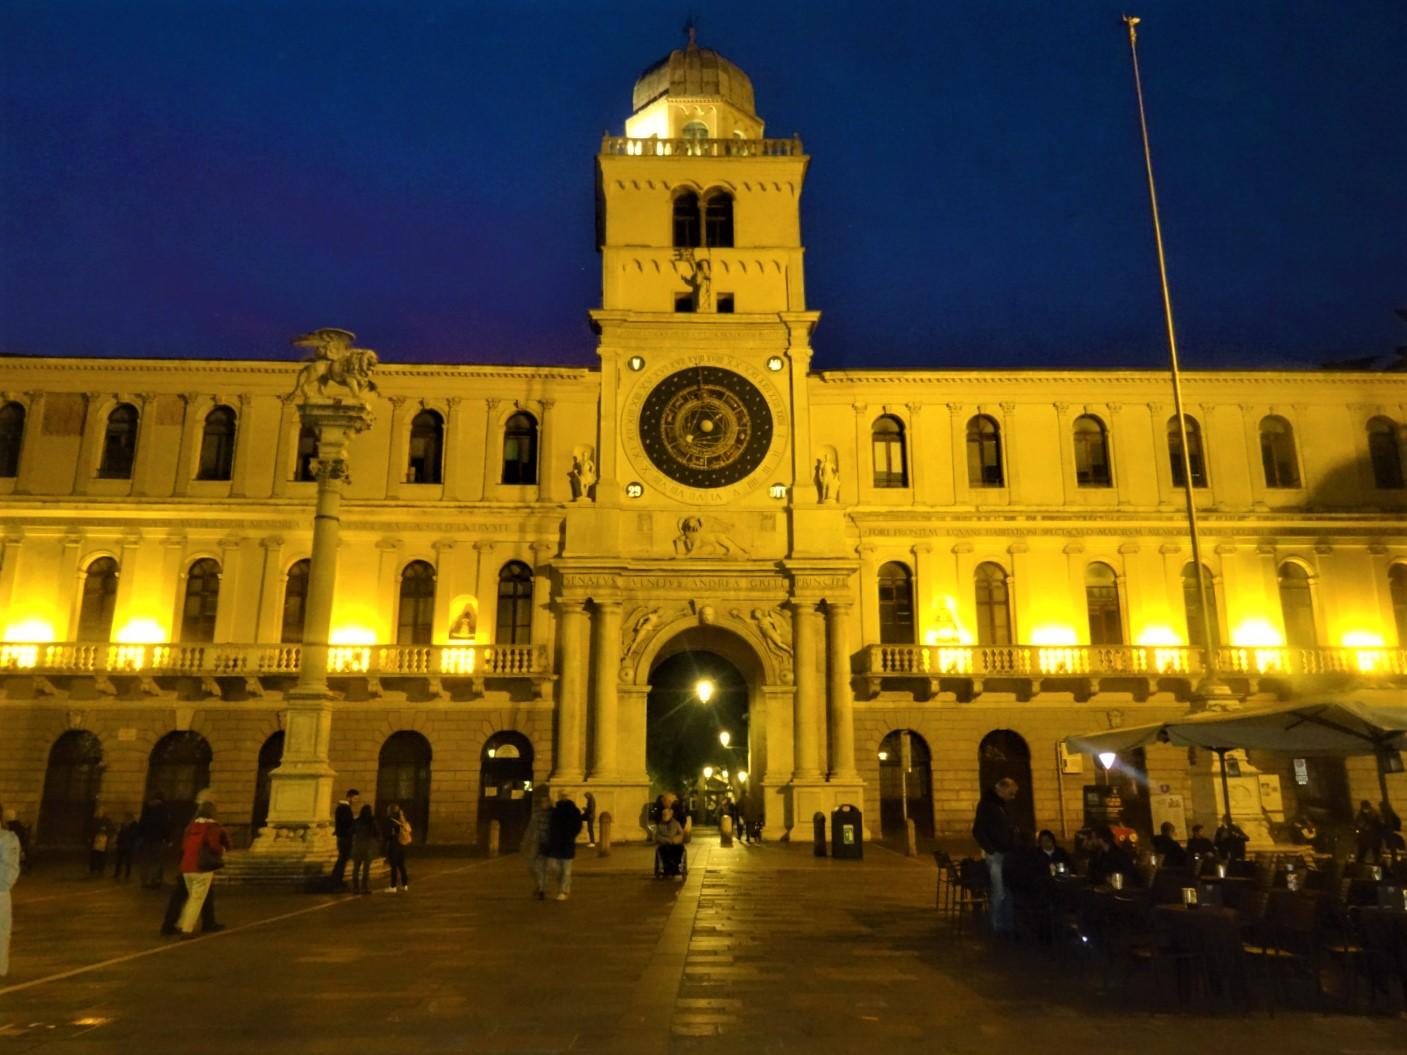 Immer wieder erscheint aus dem Nichts ein prachtvolles Gebäude wie zum Beispiel das schöne Rathaus oder der imposante Torre dell´orologio